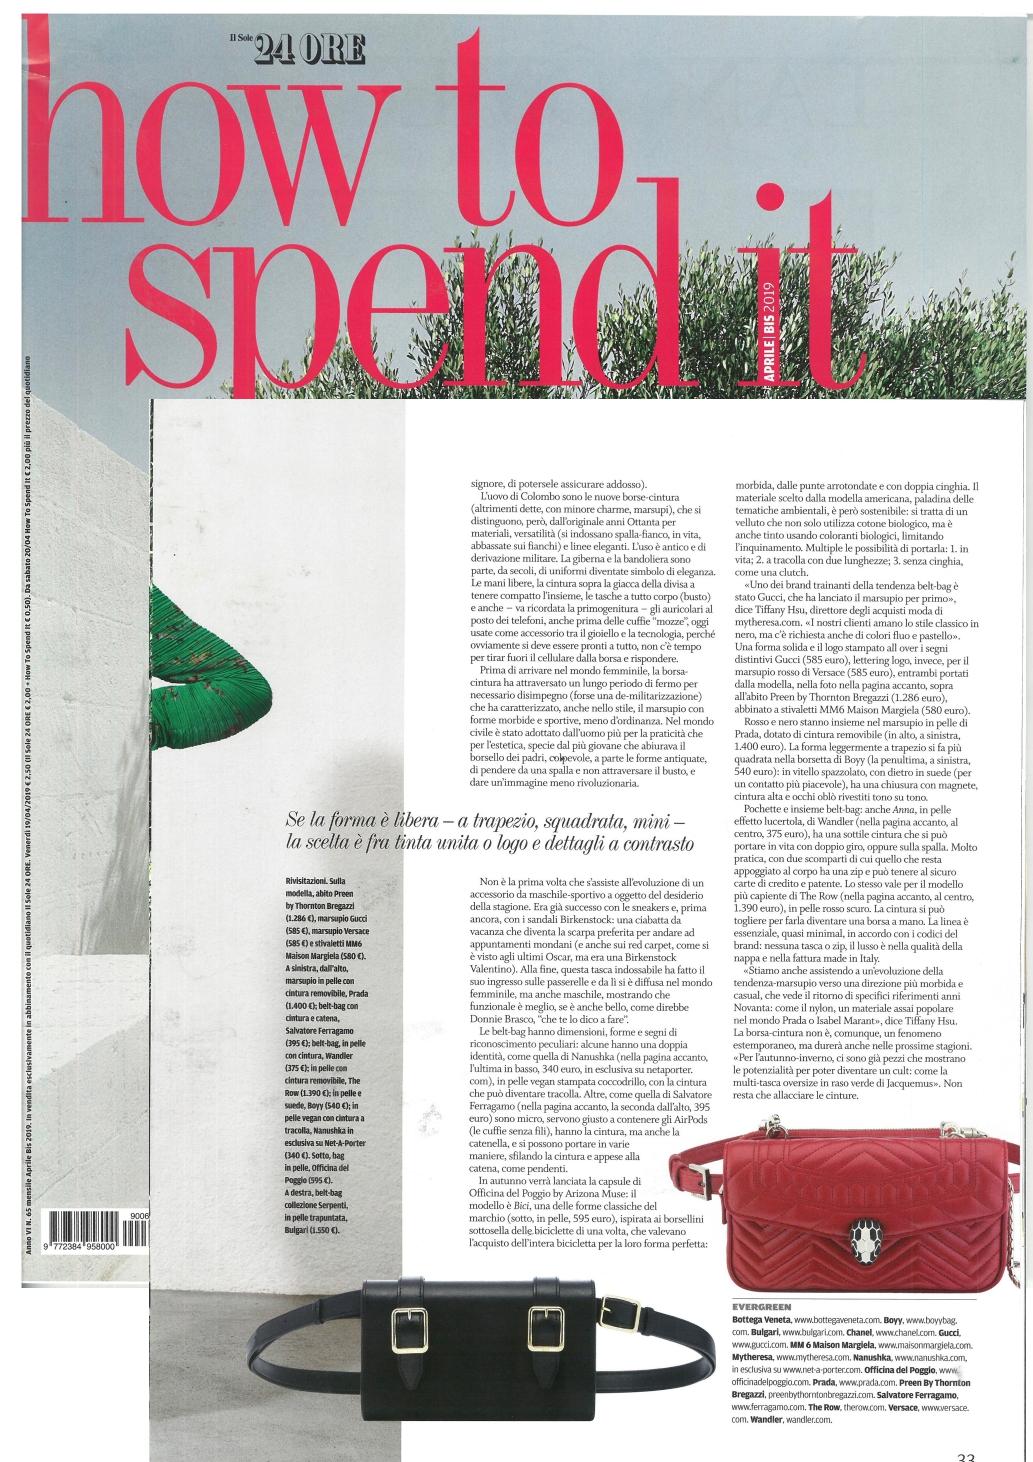 ODP_Officina_del_Poggio_How_to_spendi_it.jpg